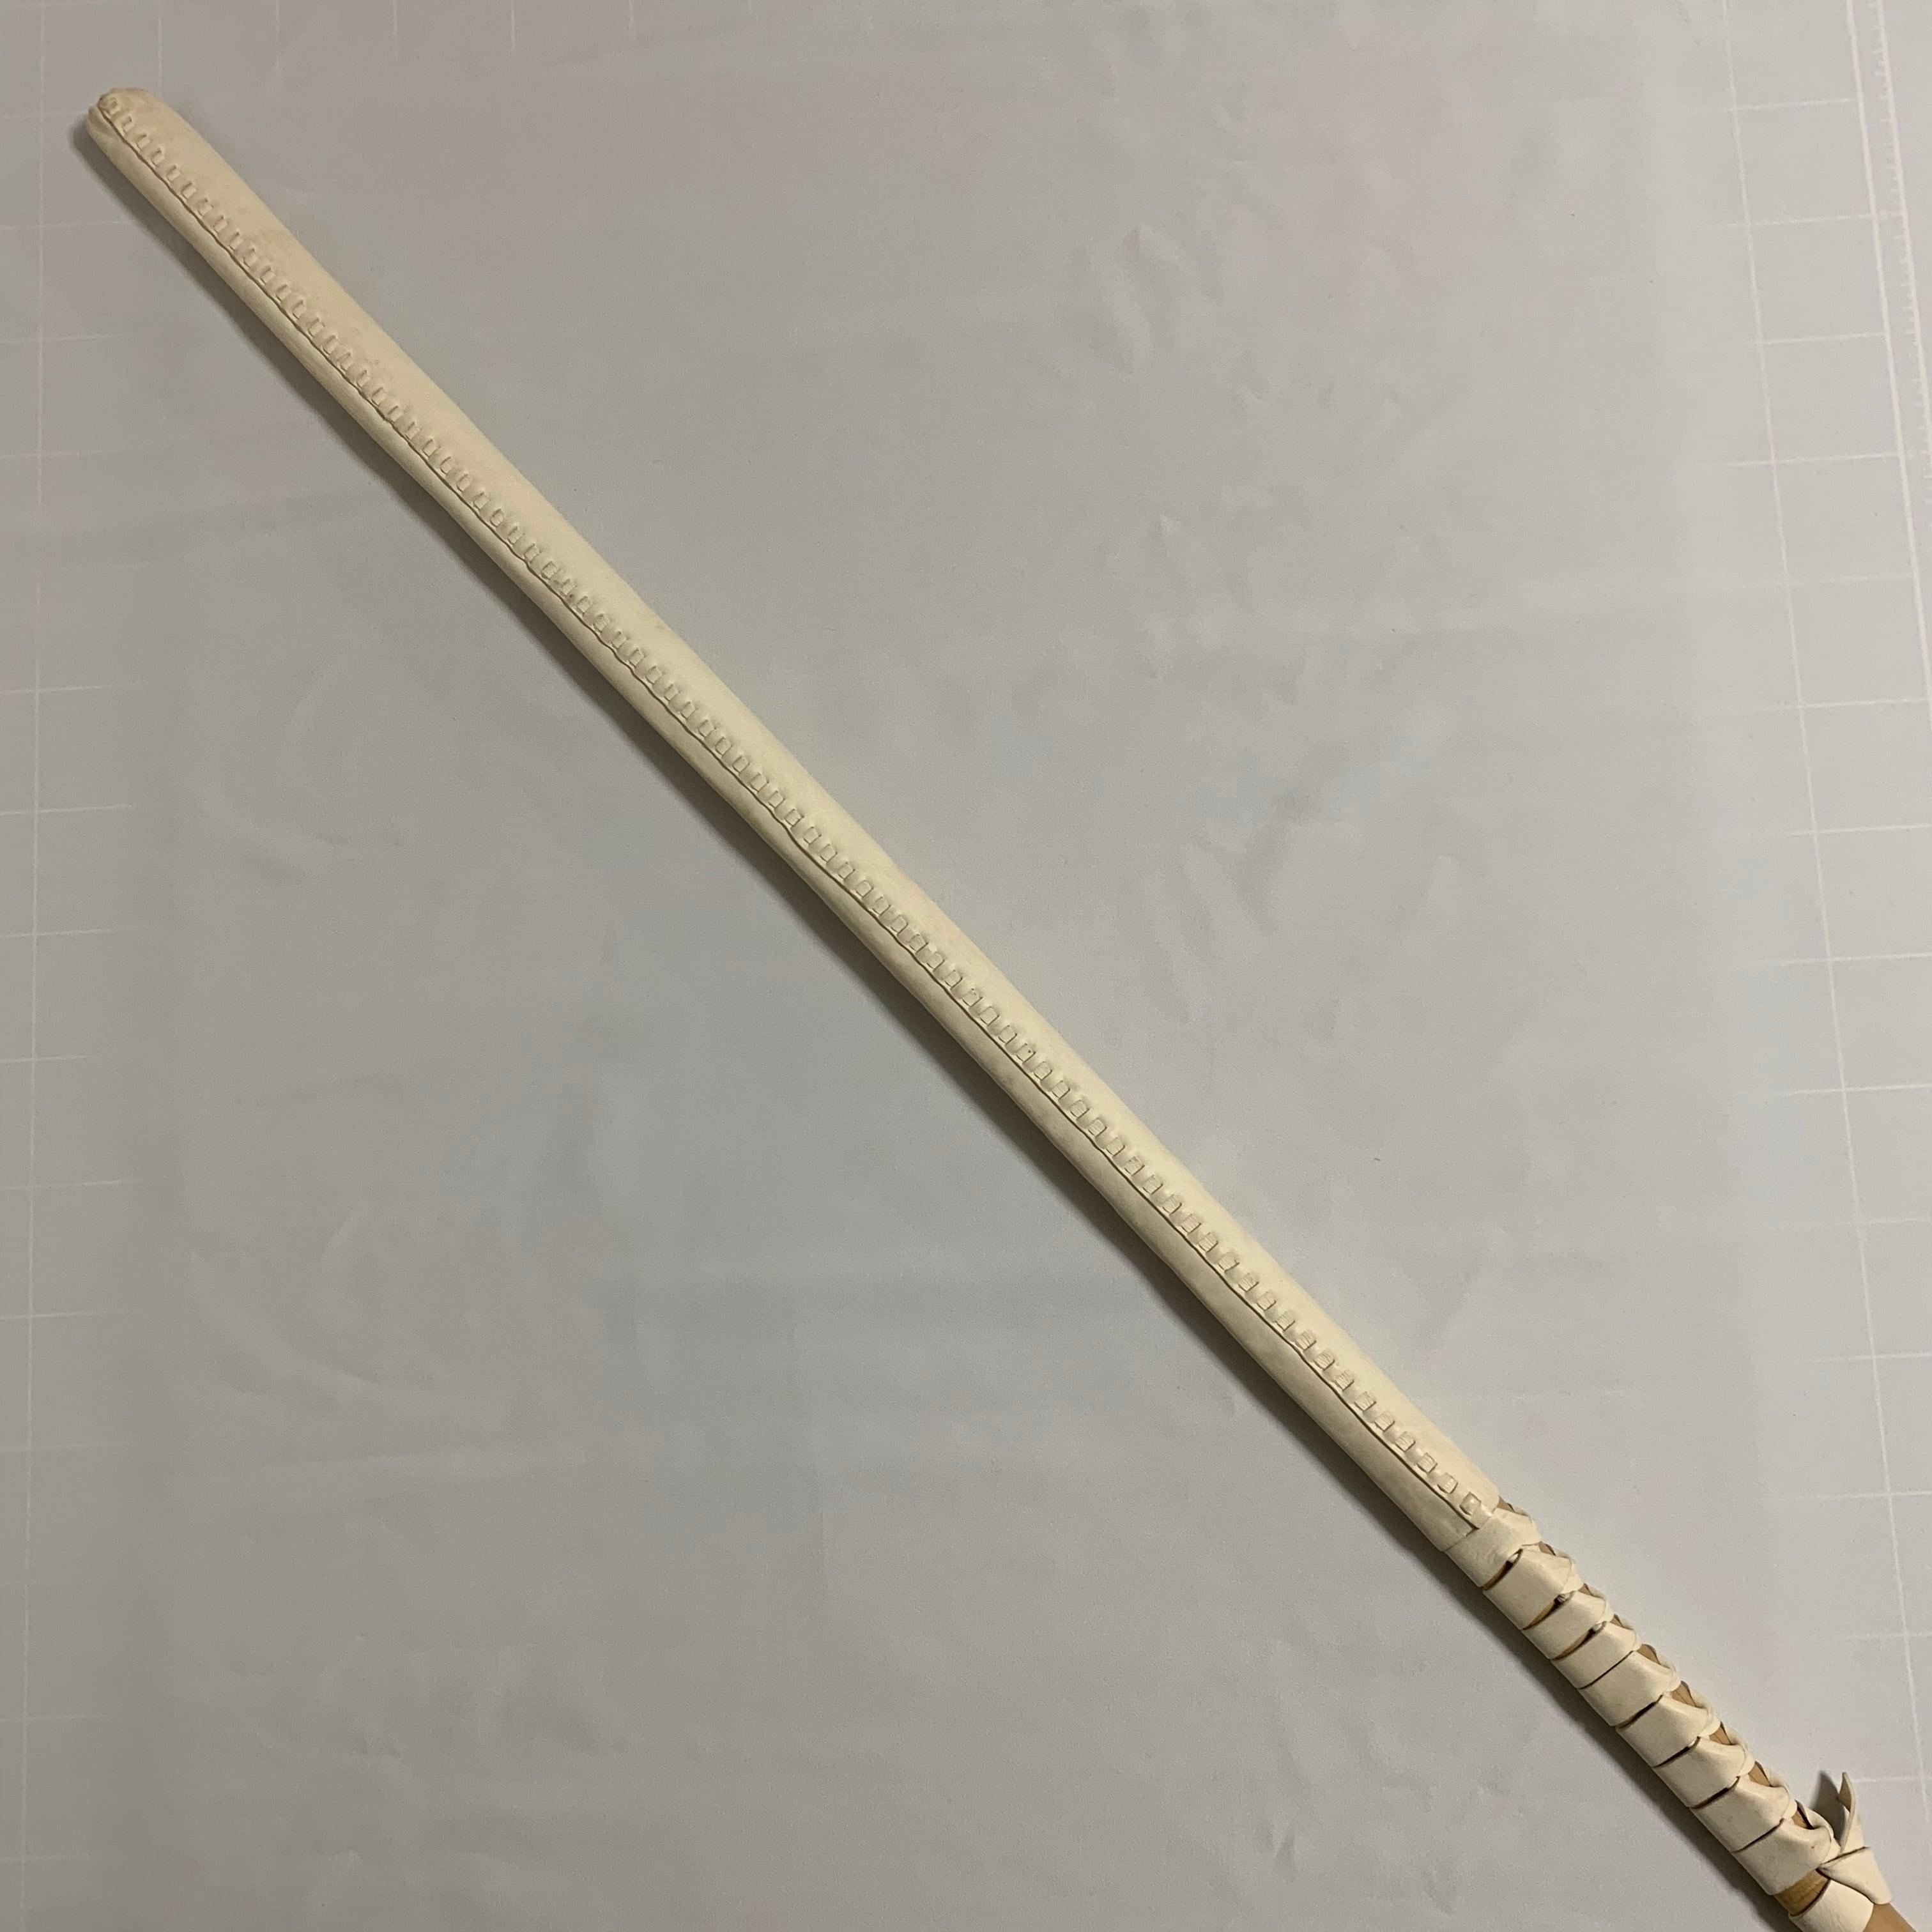 袋竹刀(白)大刀